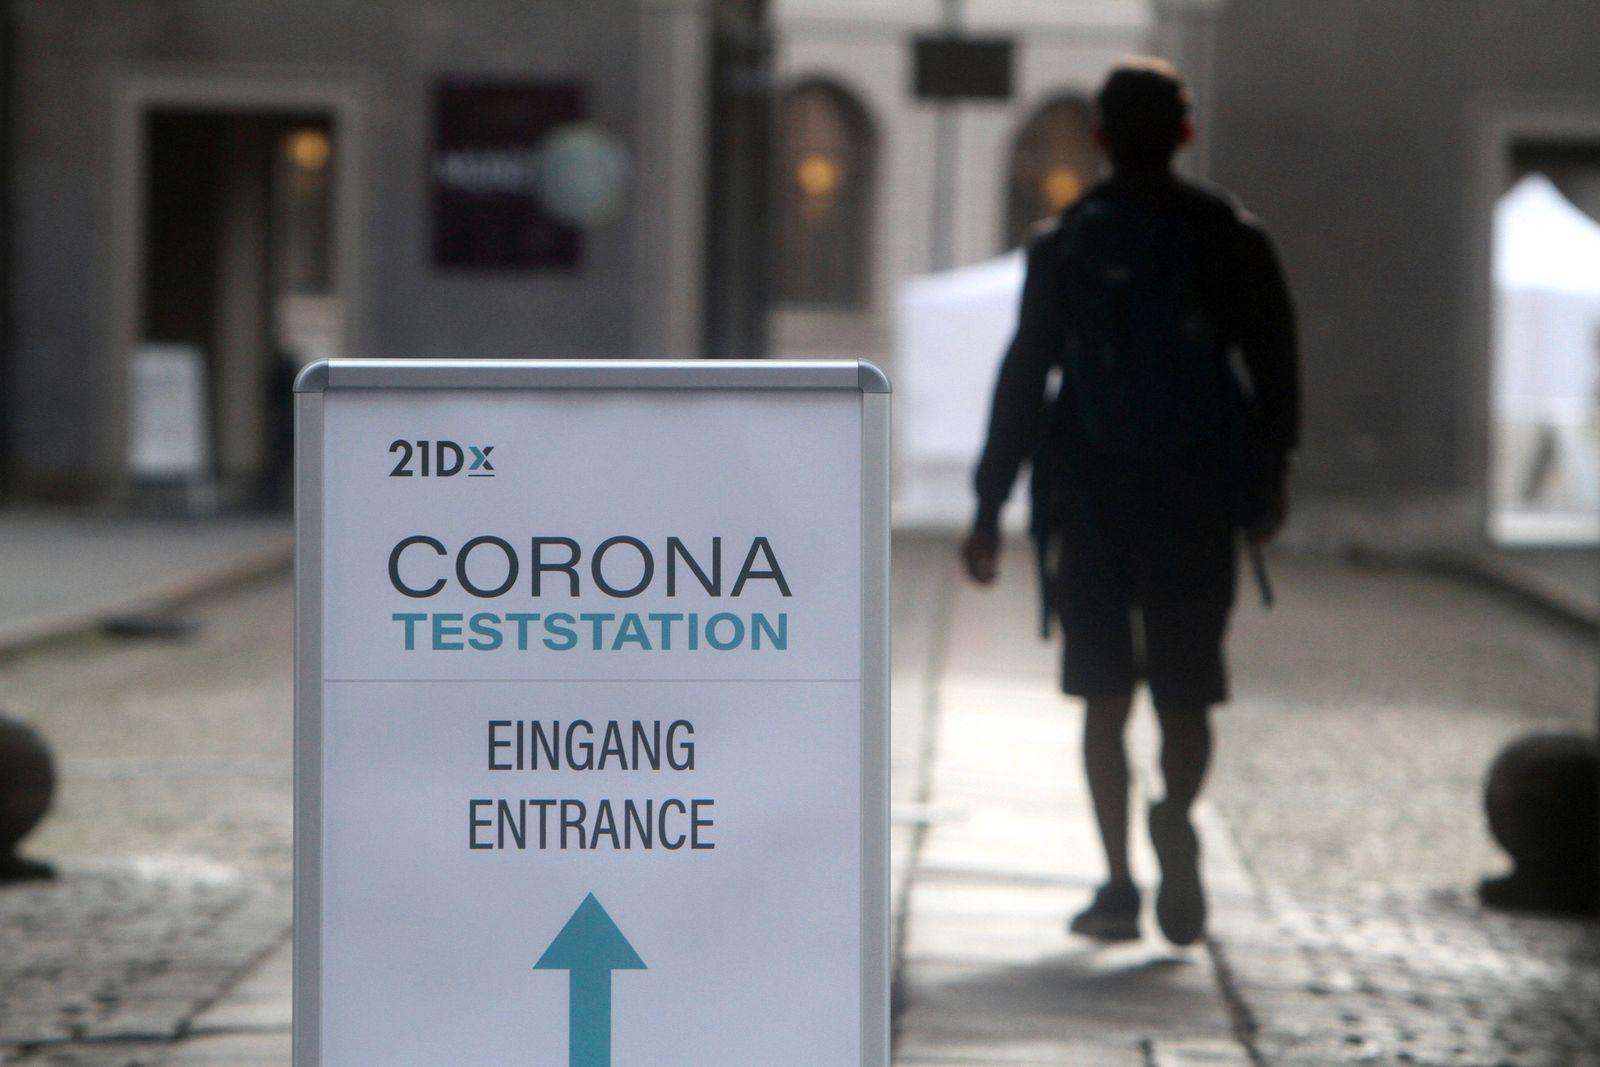 Aufsteller mit Richtungspfeil und Aufschrift 21D Corona Teststation steht in der Innenstadt von München. Ein Mann geht z